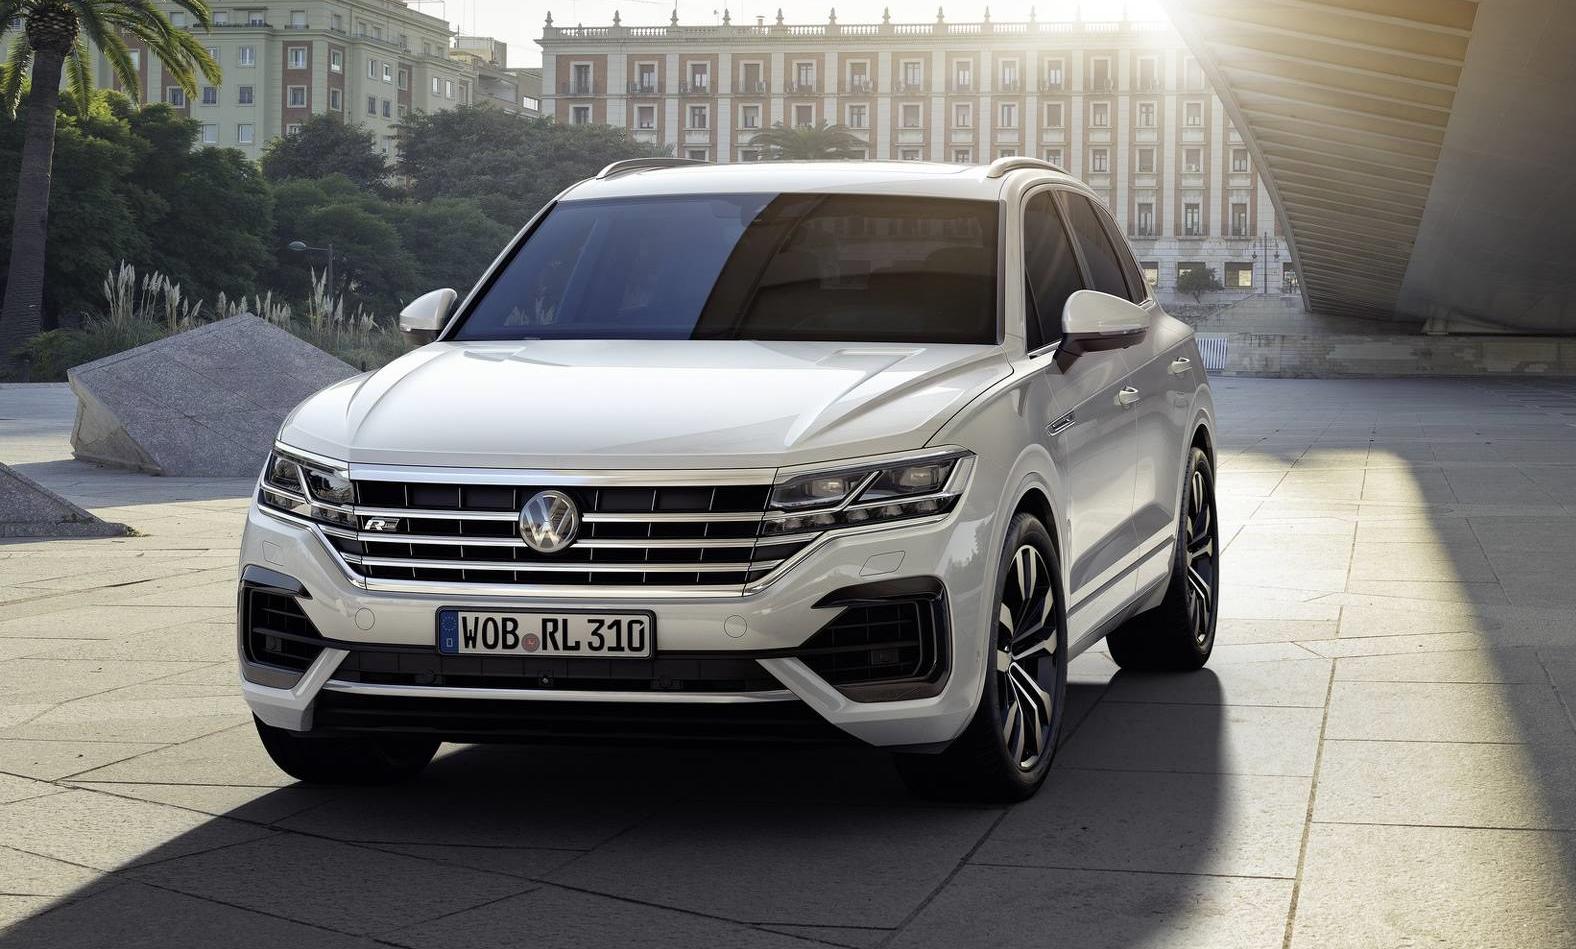 Está aí o novo Volkswagen Touareg